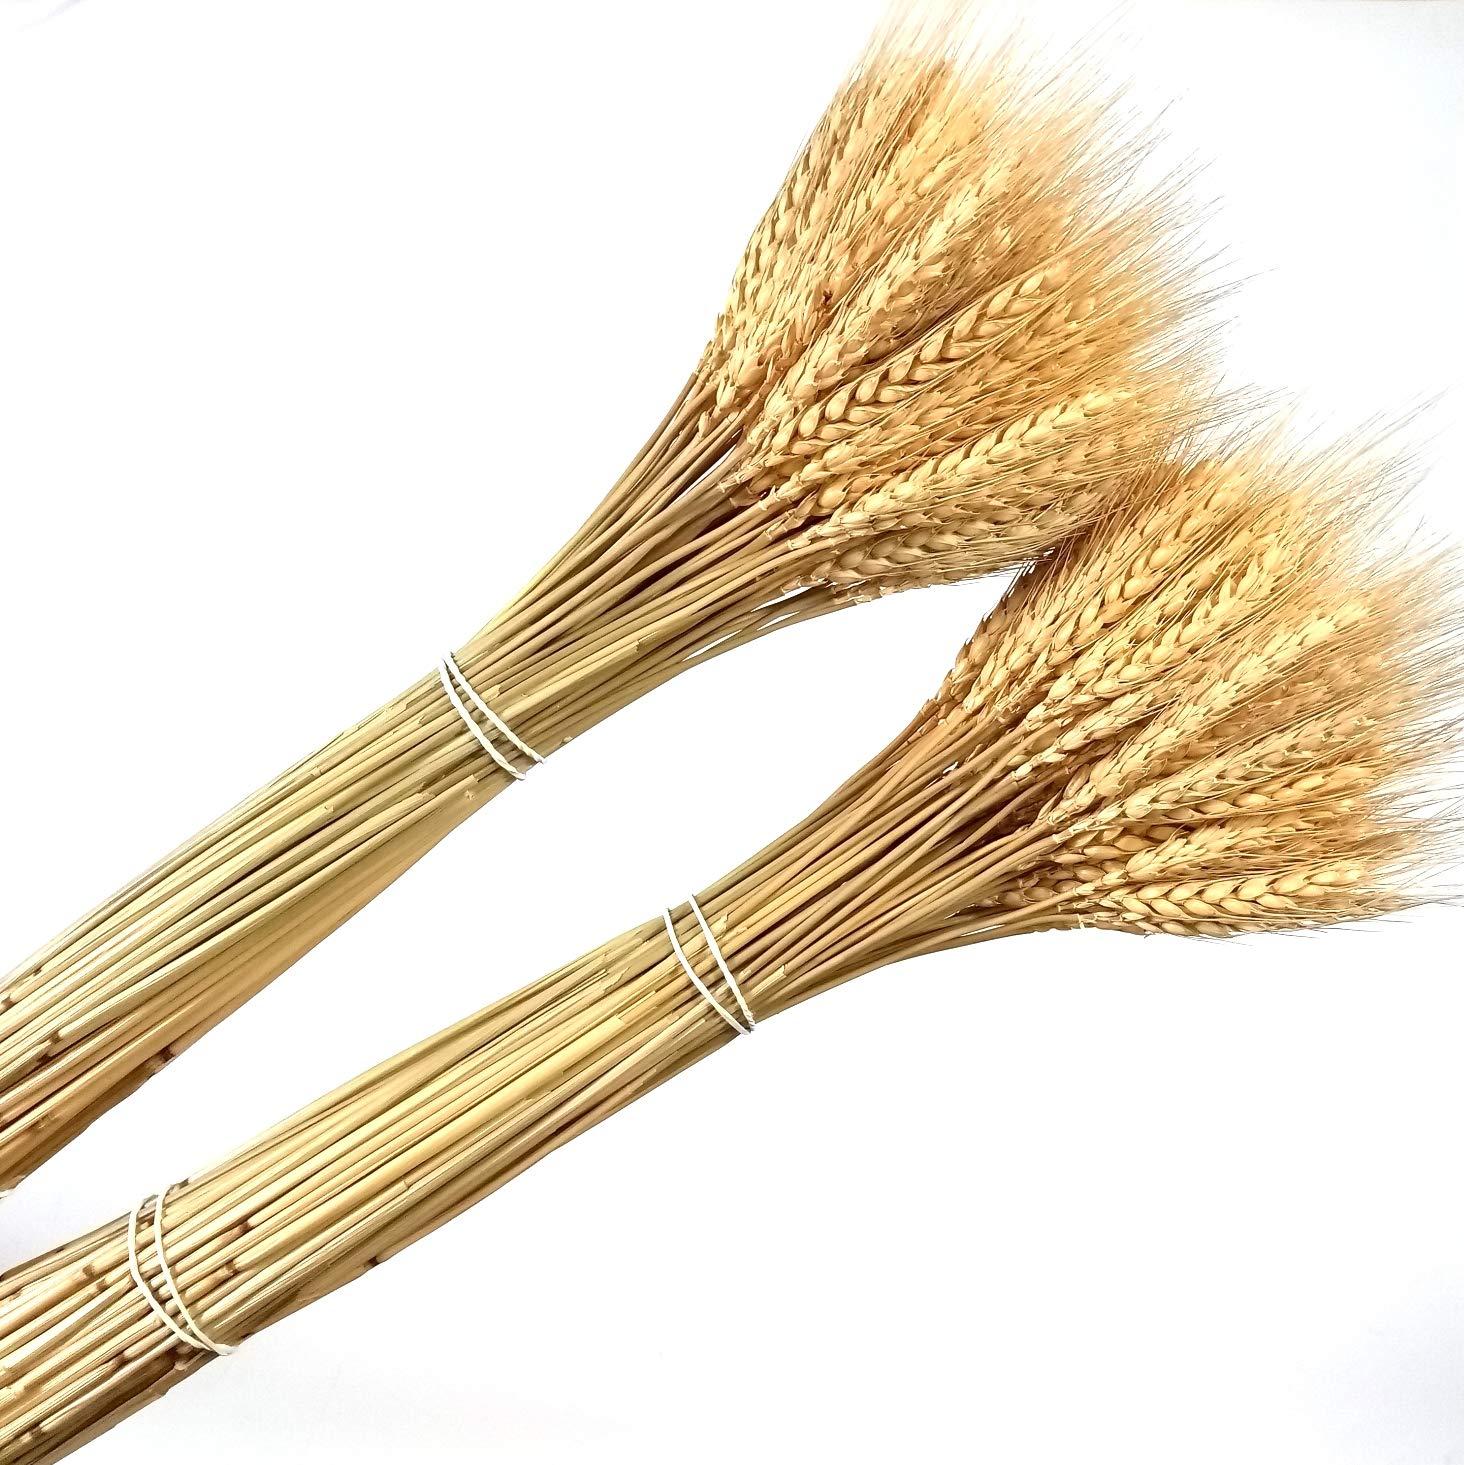 200 pcs séchées blé naturel Bundle Arrangement de fleurs Maison Table de fête de mariage Table Décoration 60cm de haut Dongliflower Arts